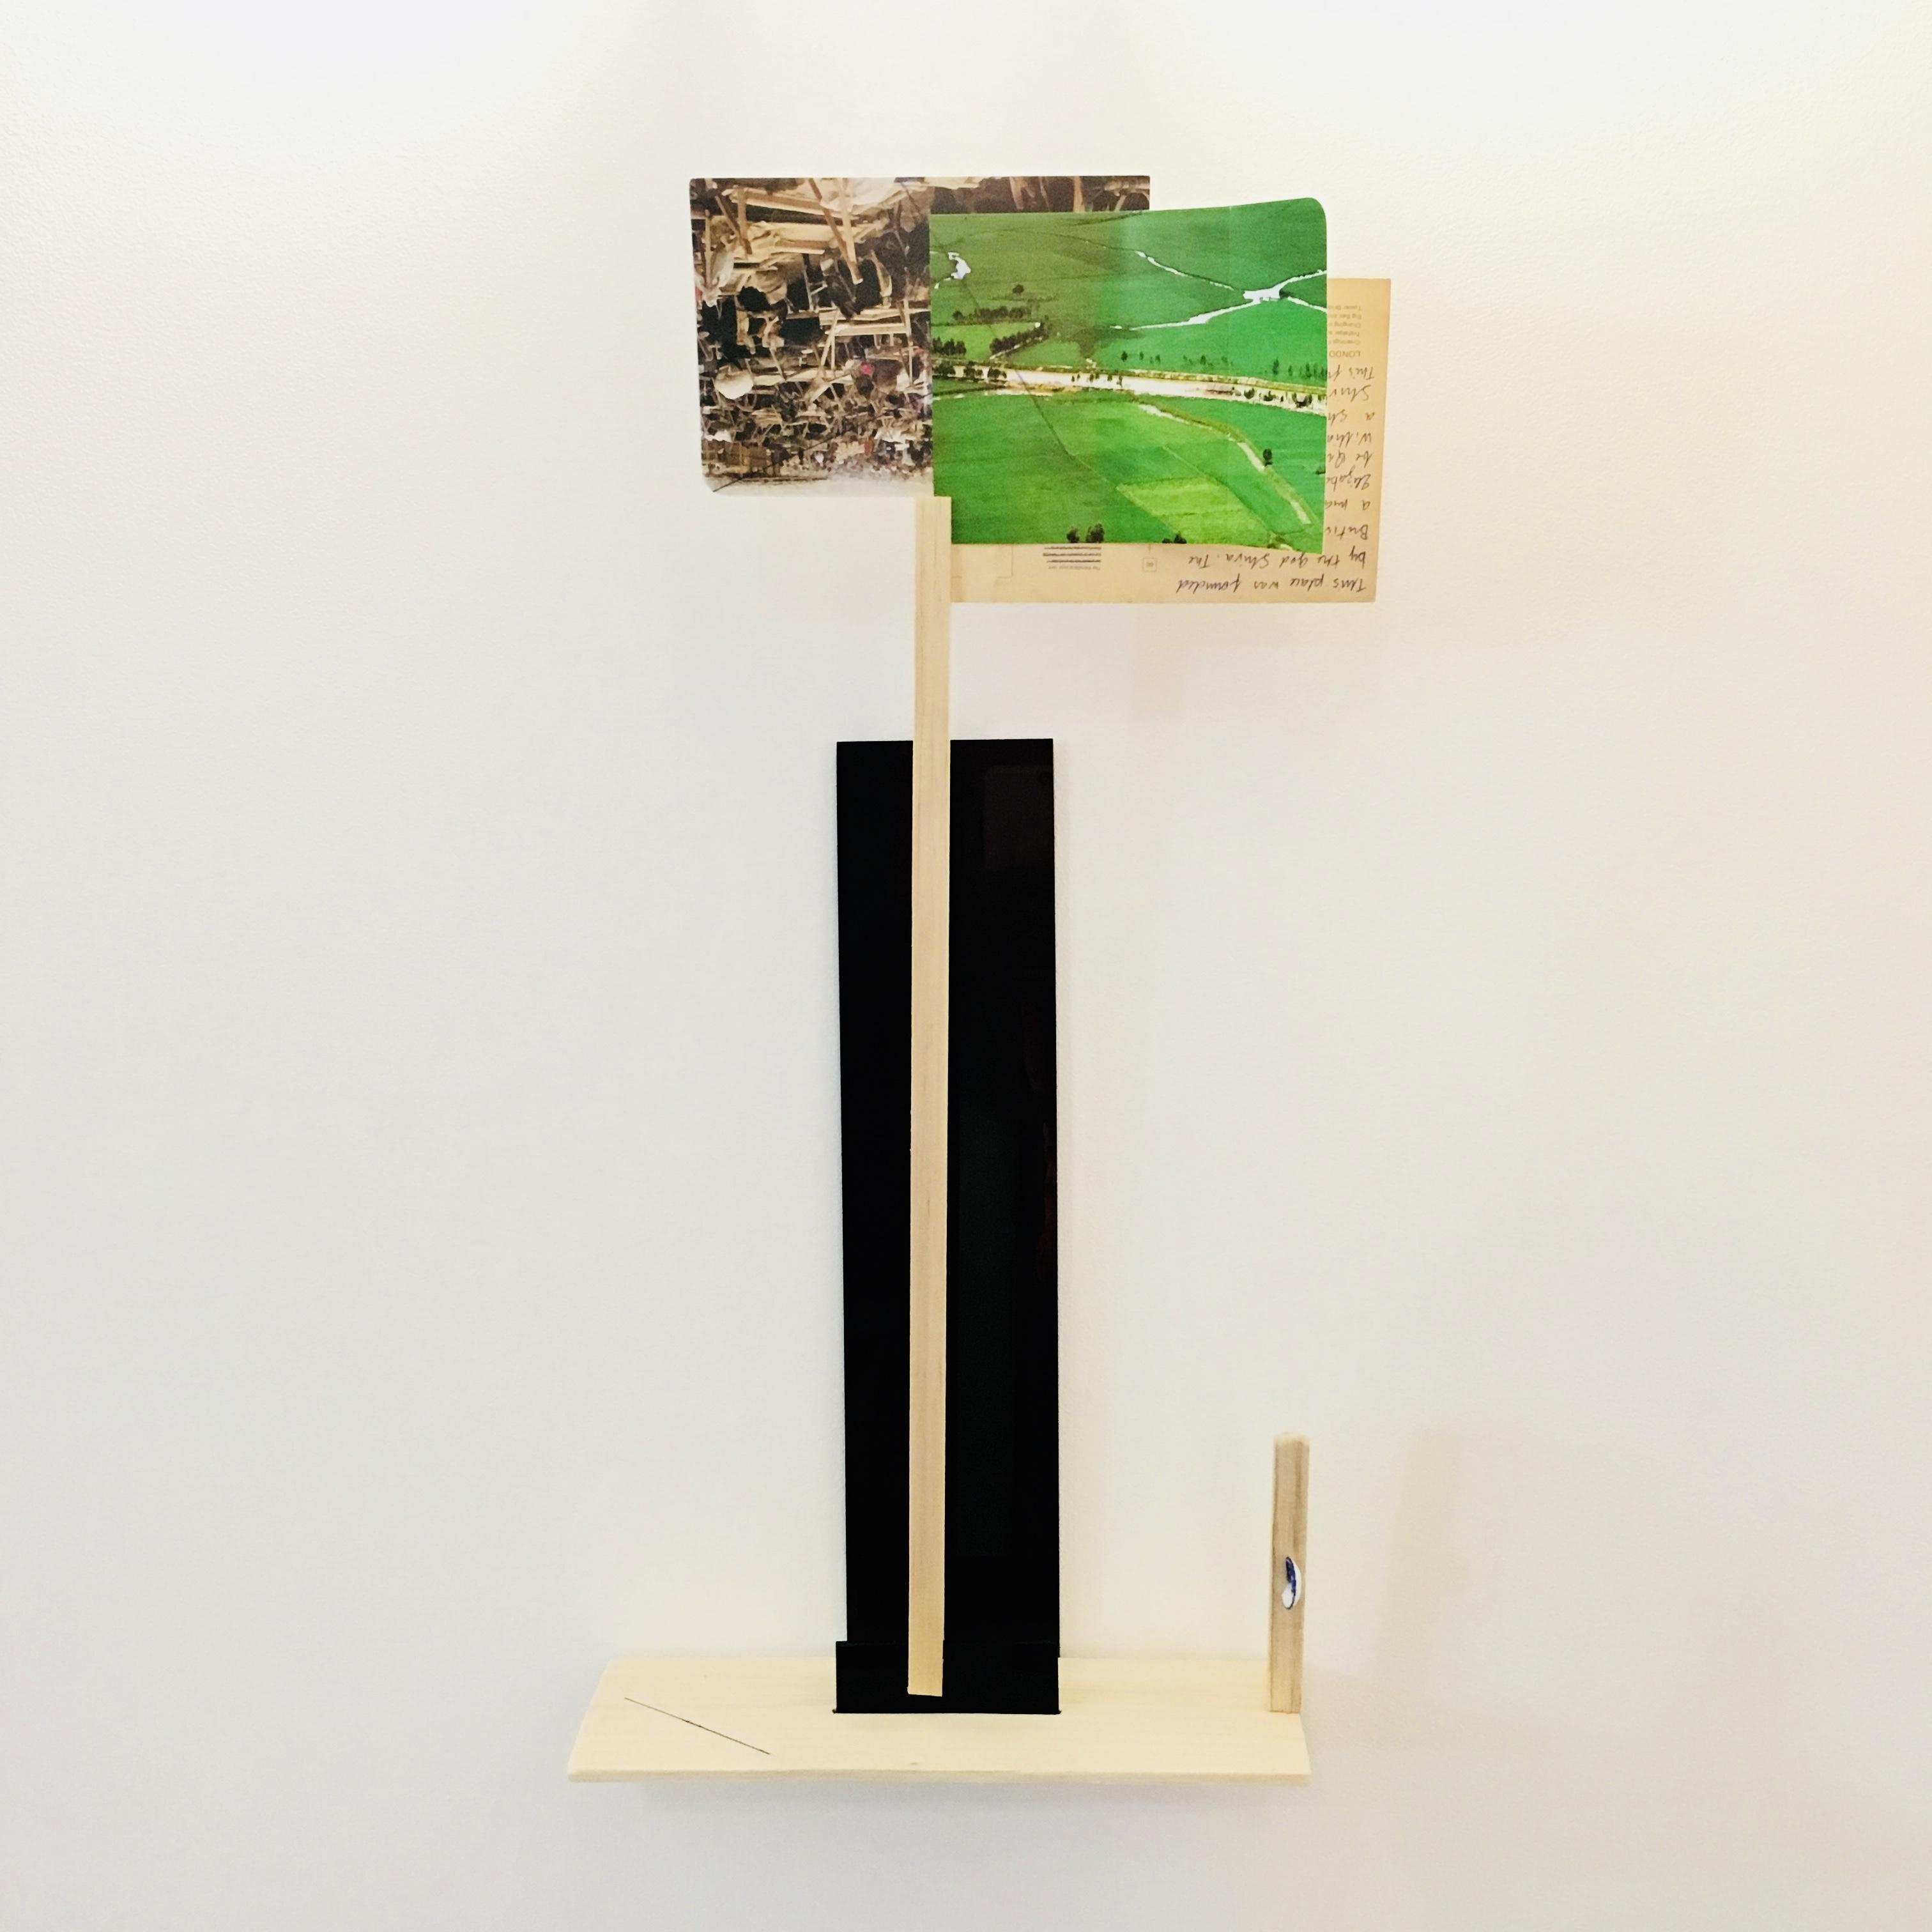 Gê Orthof, Máquinas mínimas, Mekong, Acrílico, postais, balsa, porcelana, desenho-assemblage, 52 x 25 x 9 cm, 2018